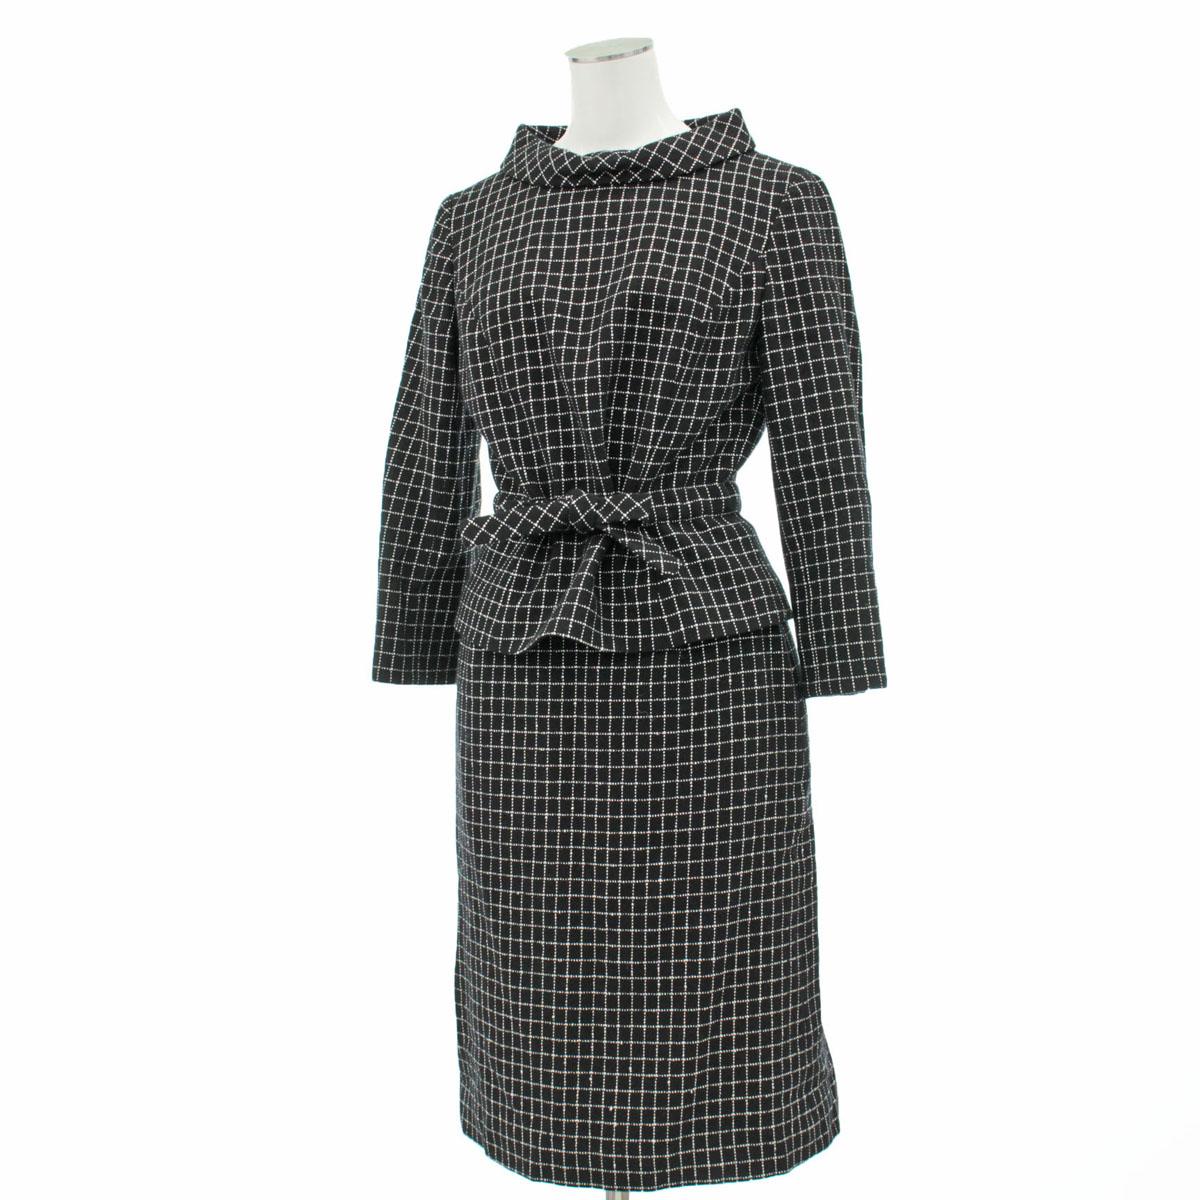 【中古】良好★M'S GRACY エムズグレイシー 格子柄 スカートスーツ サイズ38 ブラック×ホワイト★  21841-CH0119